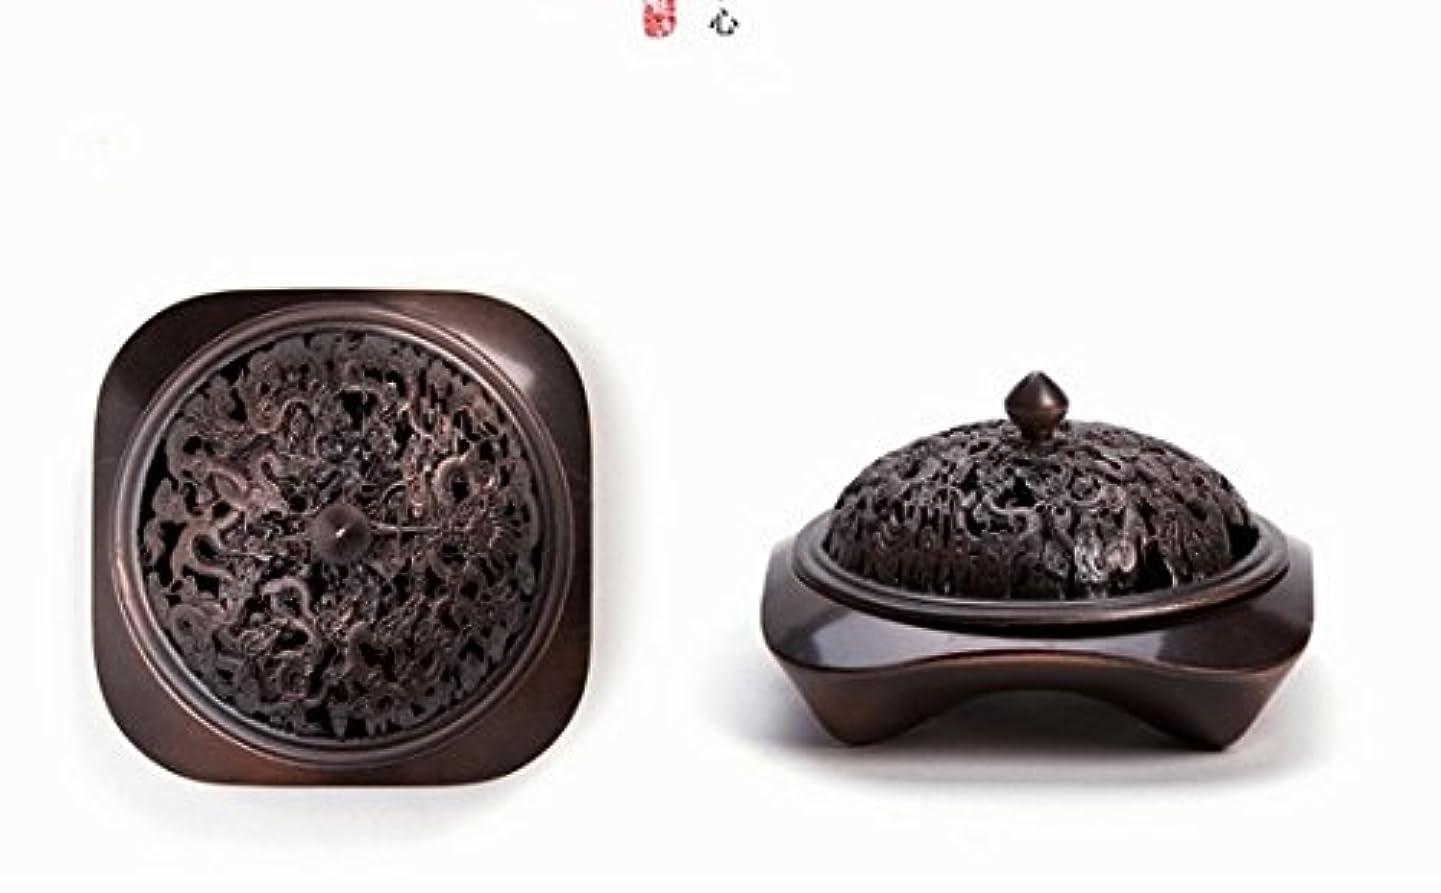 アジアセールスマンレオナルドダ【Lenni】アロマ香炉 タワー香つき 纯铜工芸カバー 沉香熏香炉